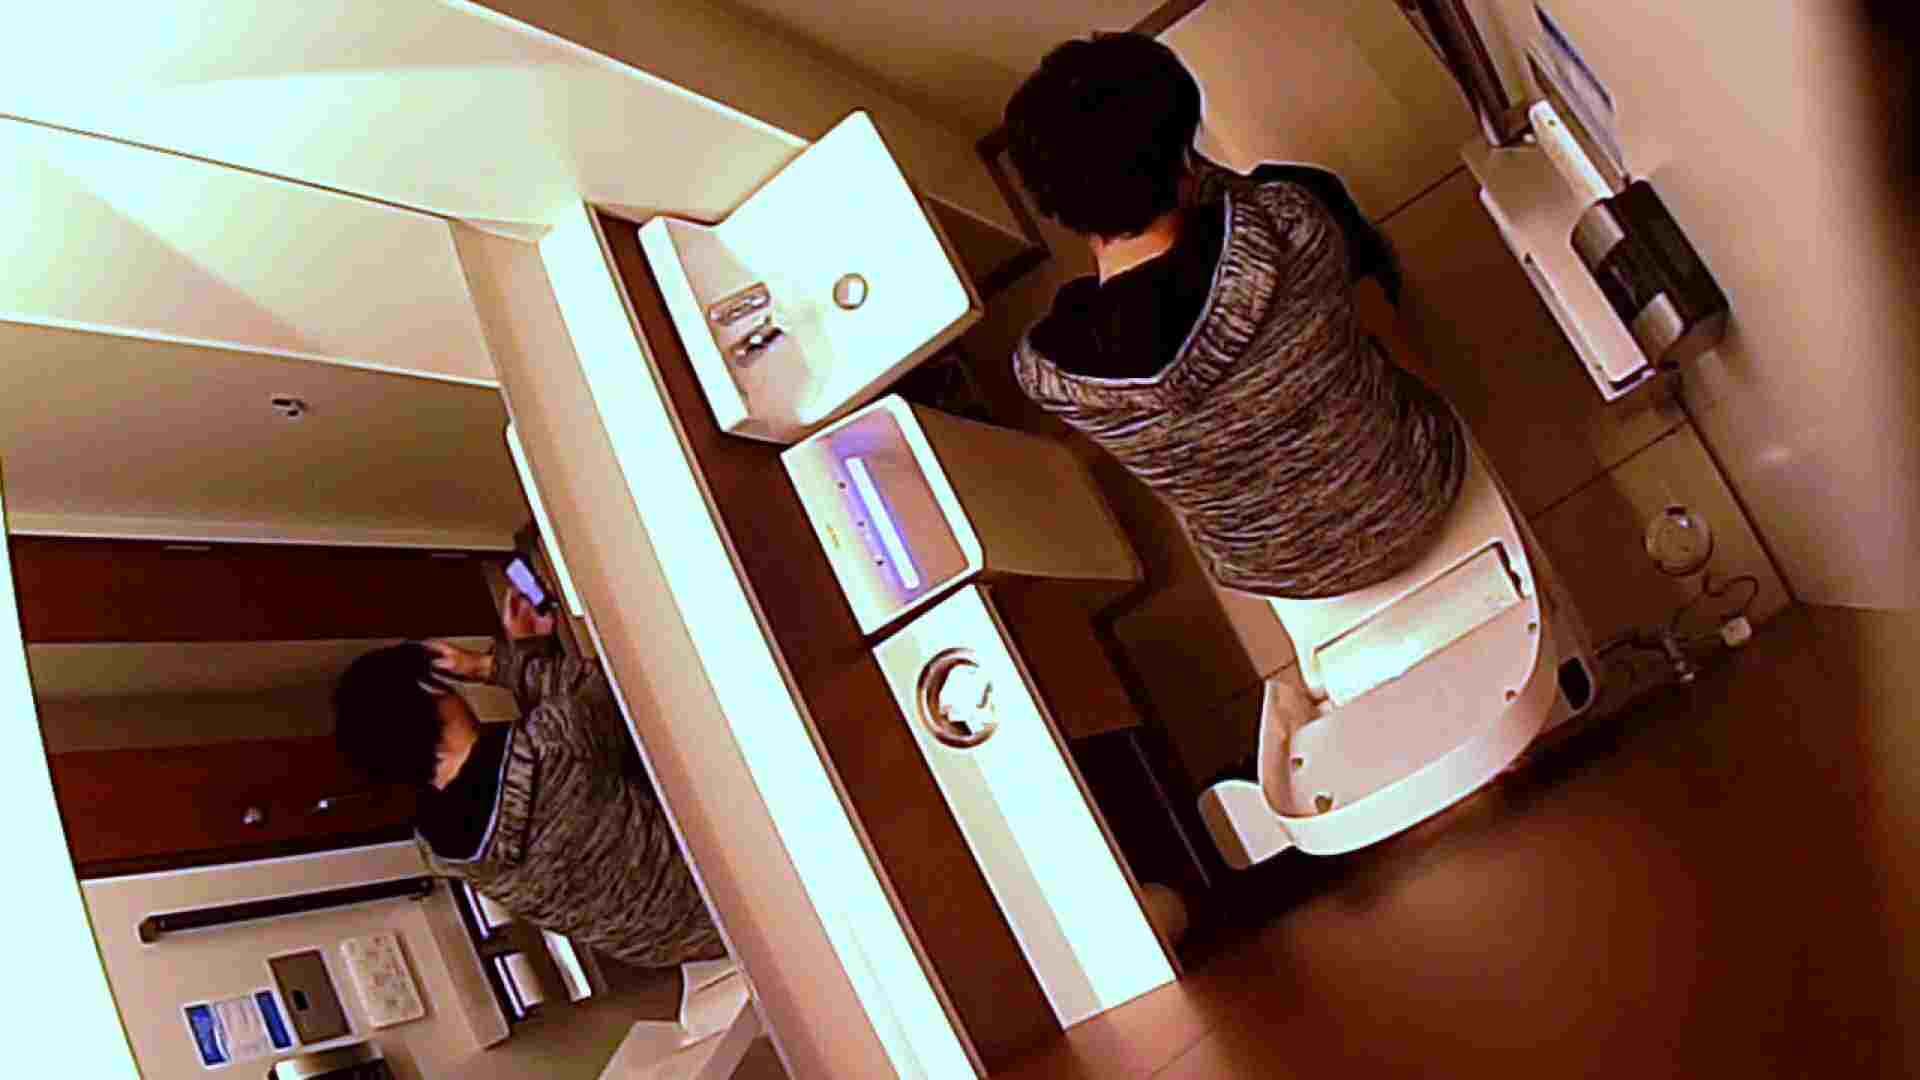 イケメンの素顔in洗面所 Vol.03 丸見え動画 | ボーイズうんこ  107pic 42